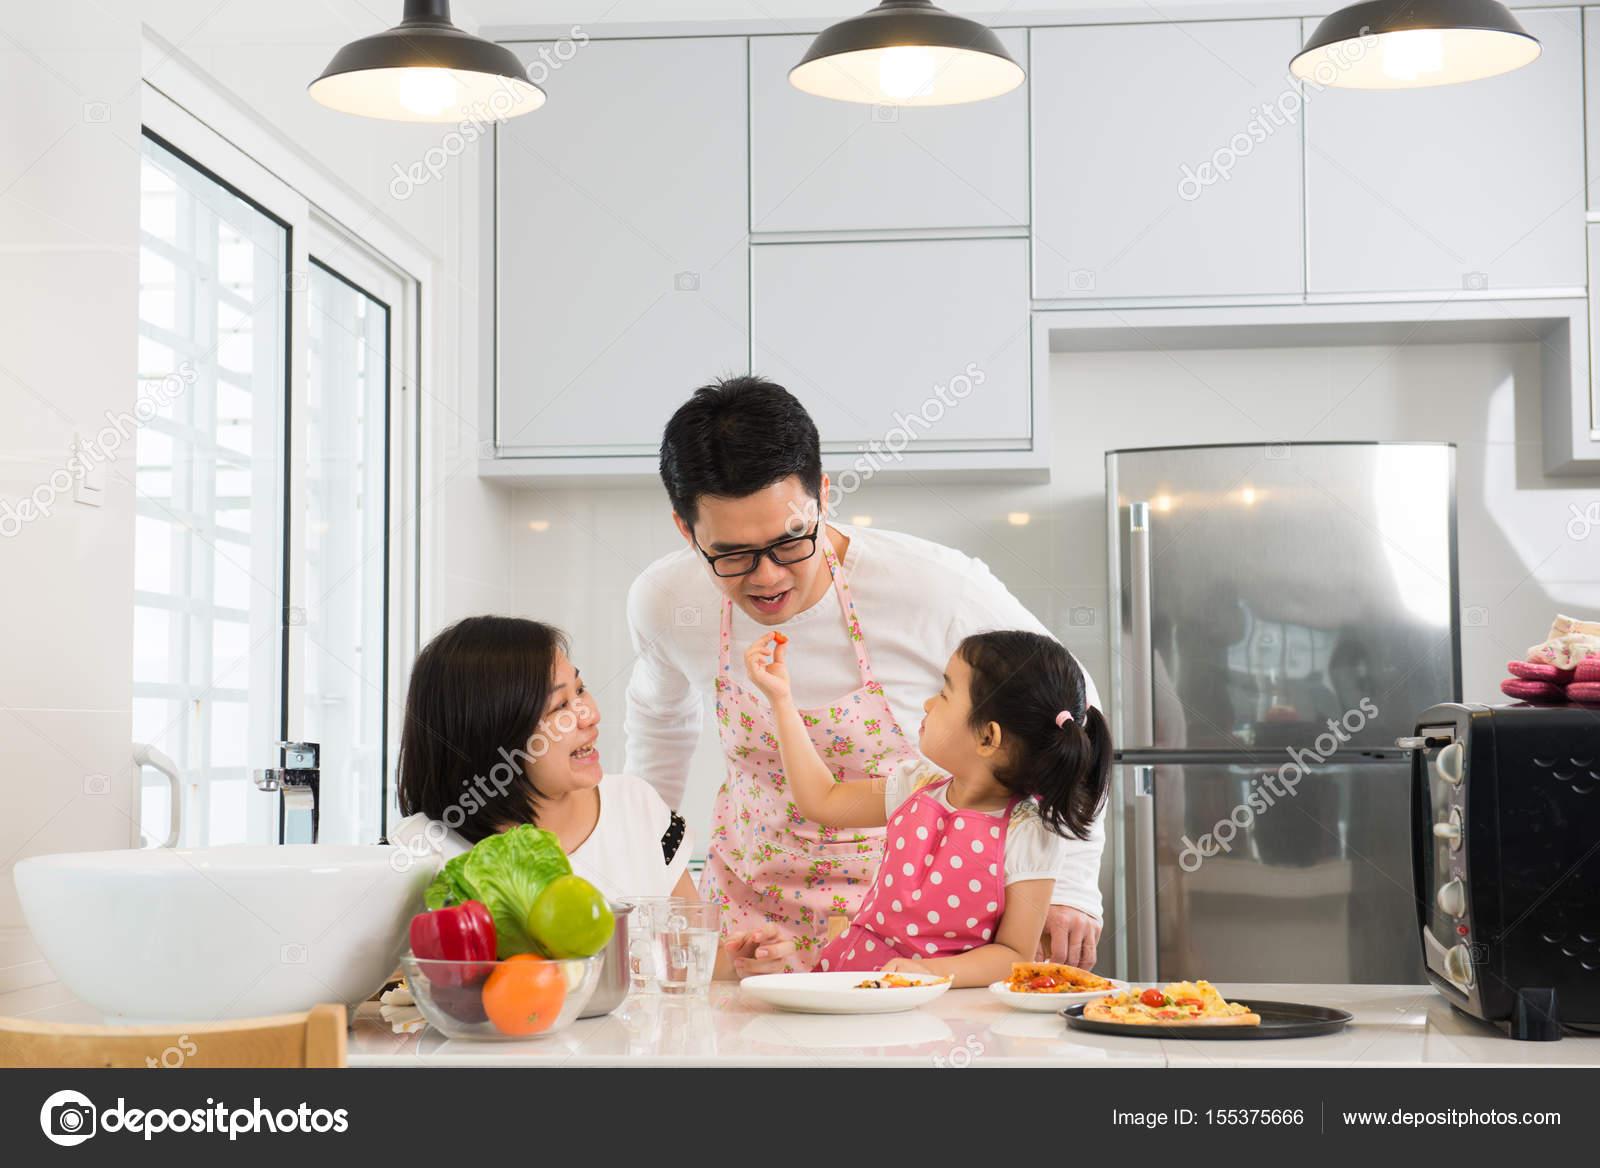 asian family cooking at kitchen — Stock Photo © yuliang11 #155375666